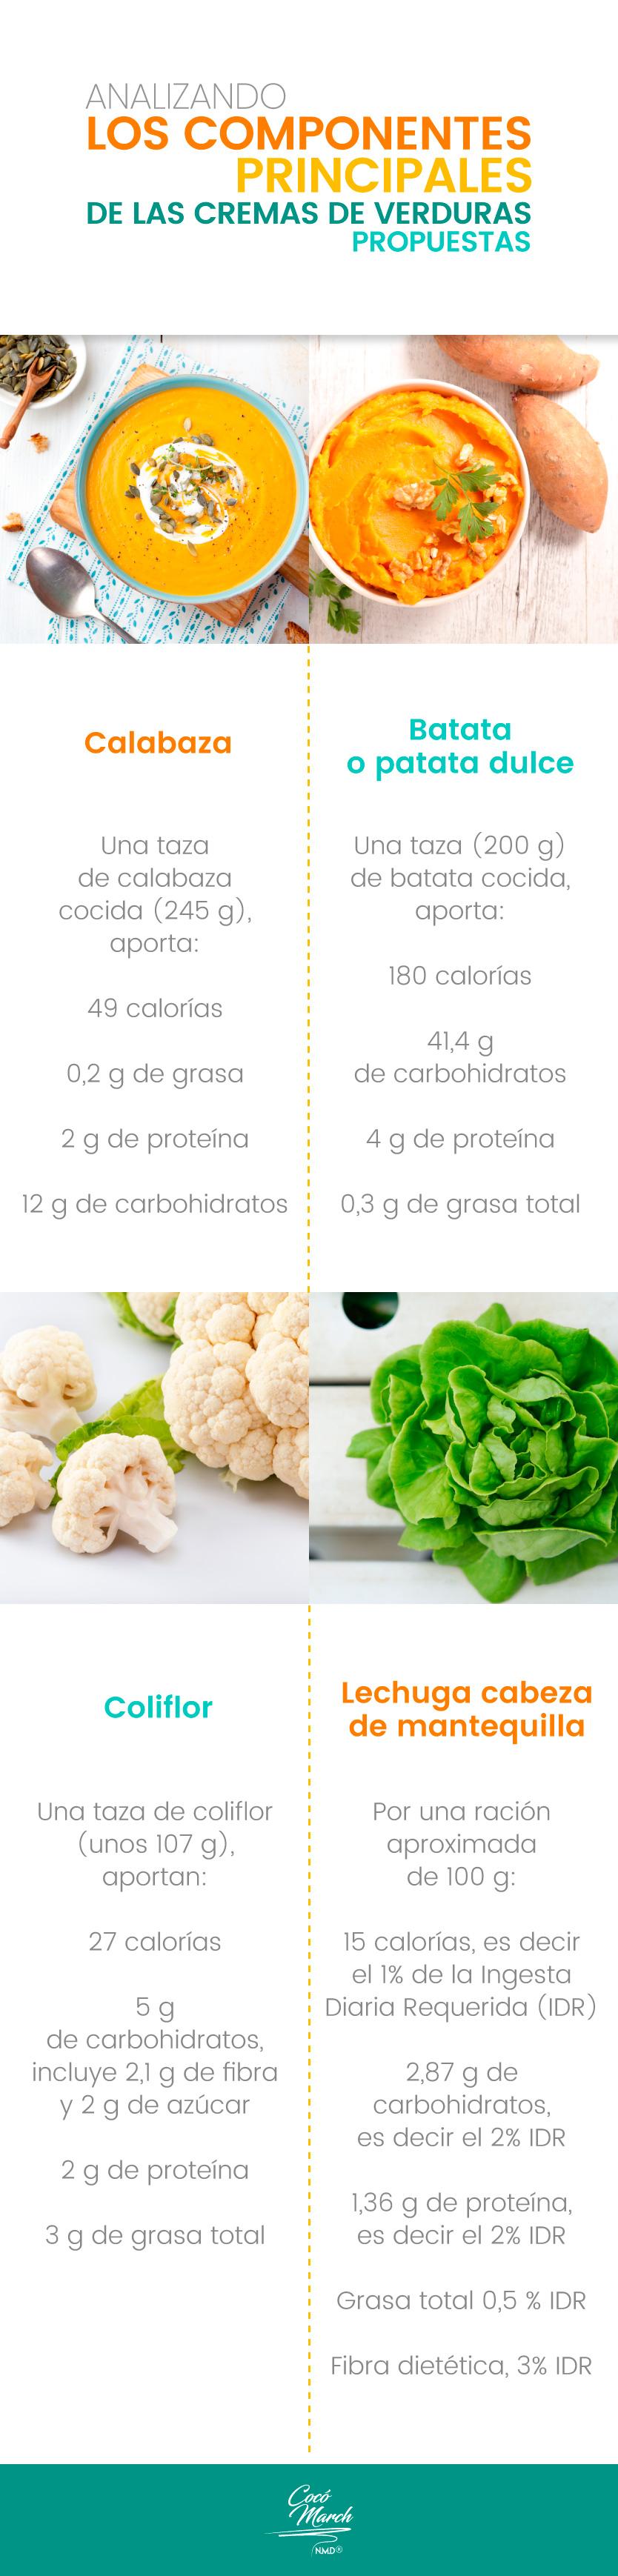 cremas-de-verduras